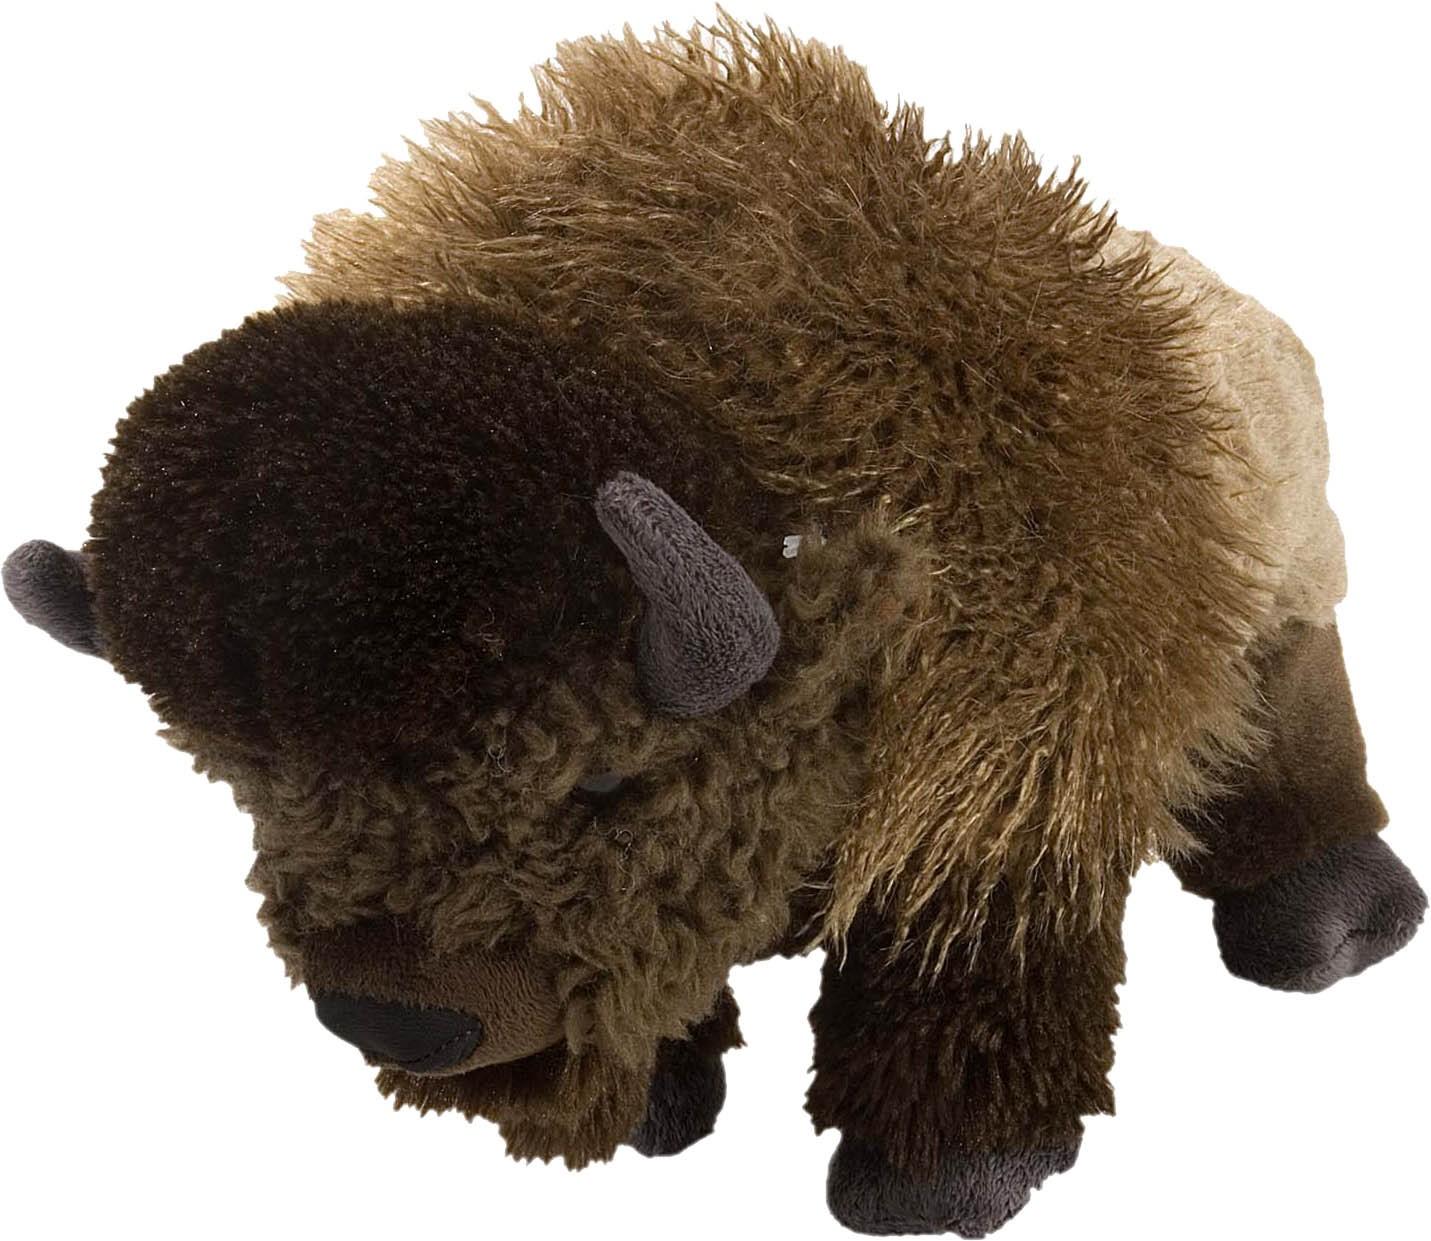 Amerikansk bison, 30cm - Wild Republic